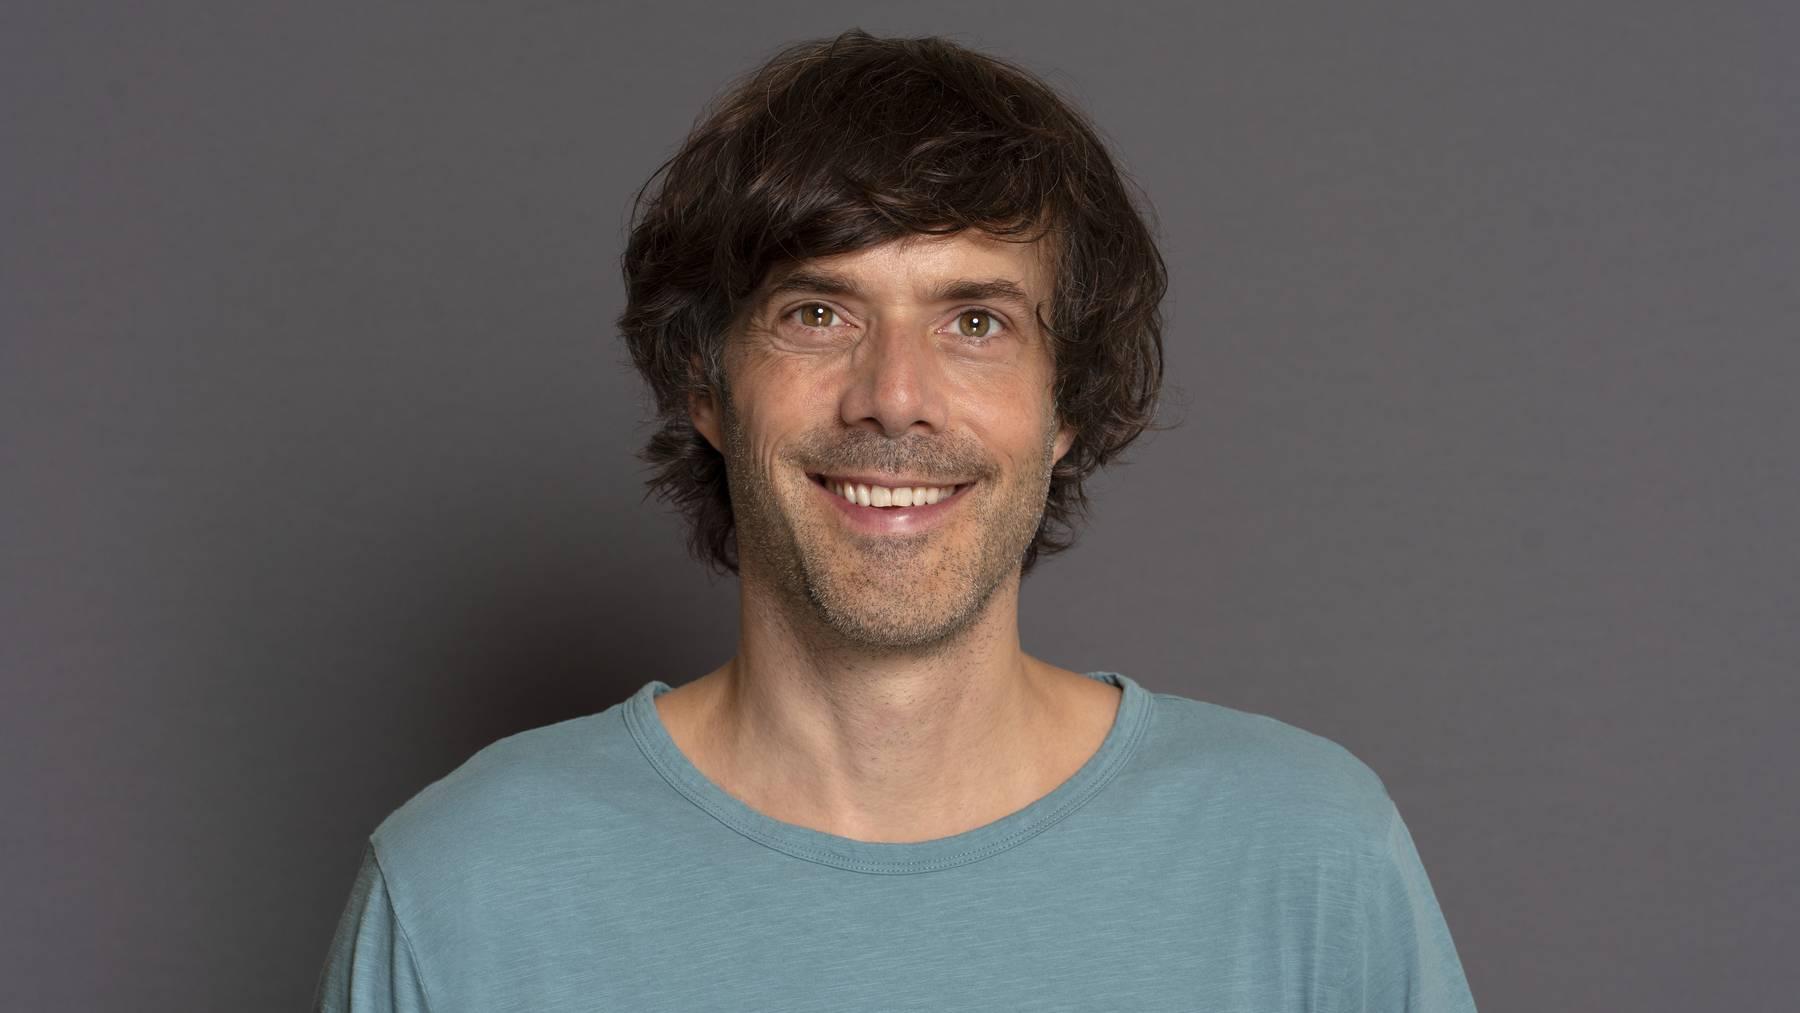 Adrian Stern veröffentlichte bisher sechs Alben, wovon fünf in die Top 10 der Schweizer Charts einstiegen.